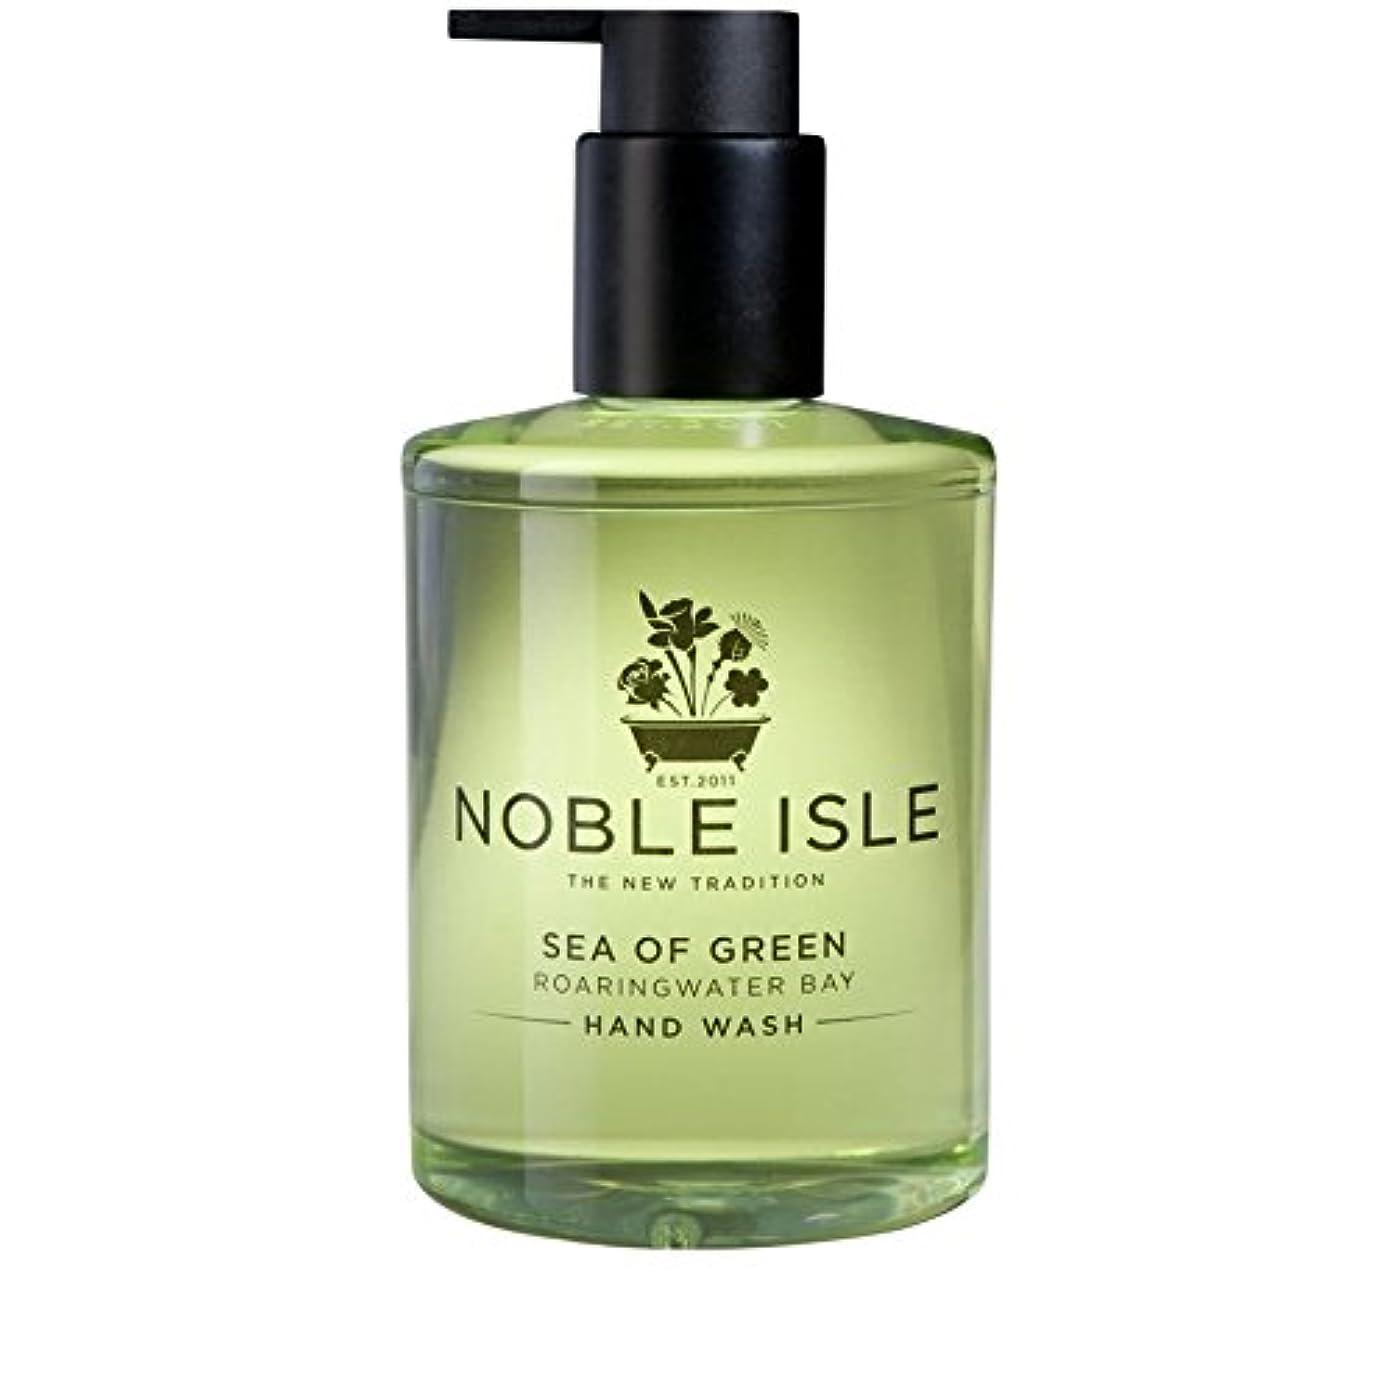 試用分配します最初に緑ベイハンドウォッシュ250ミリリットルの高貴な島の海 x2 - Noble Isle Sea of Green Roaringwater Bay Hand Wash 250ml (Pack of 2) [並行輸入品]